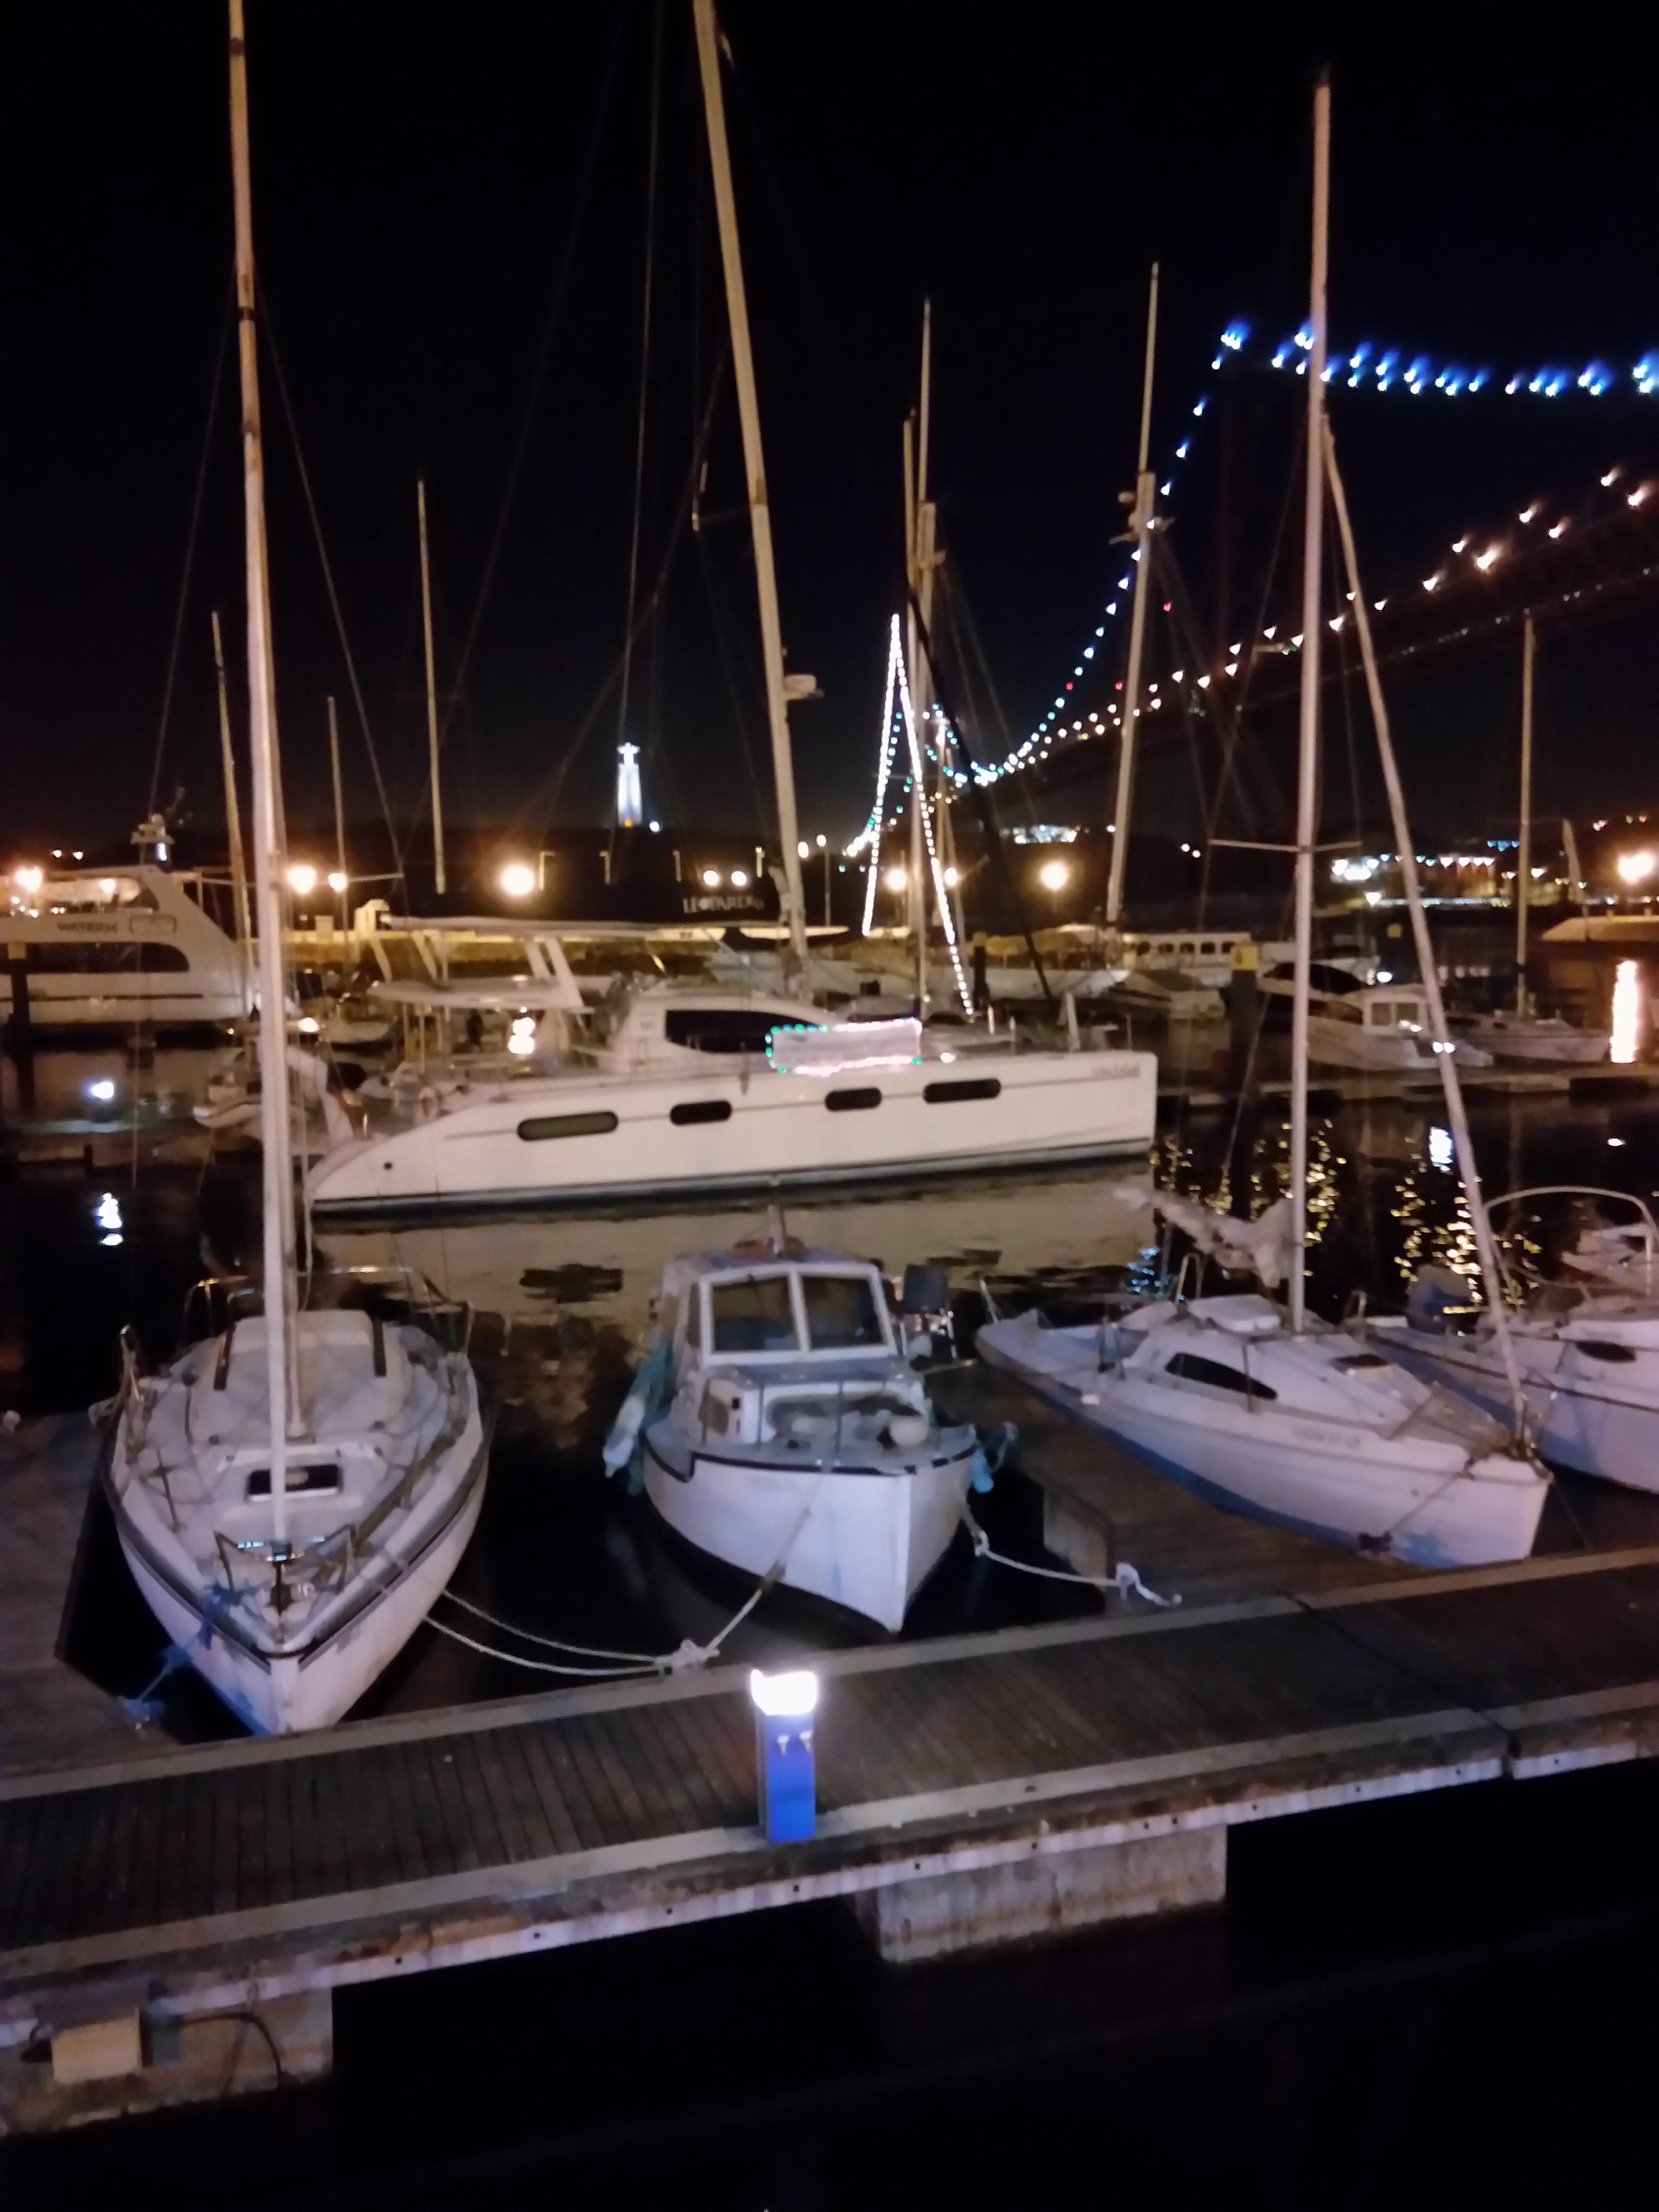 Passeios e festas a bordo barco